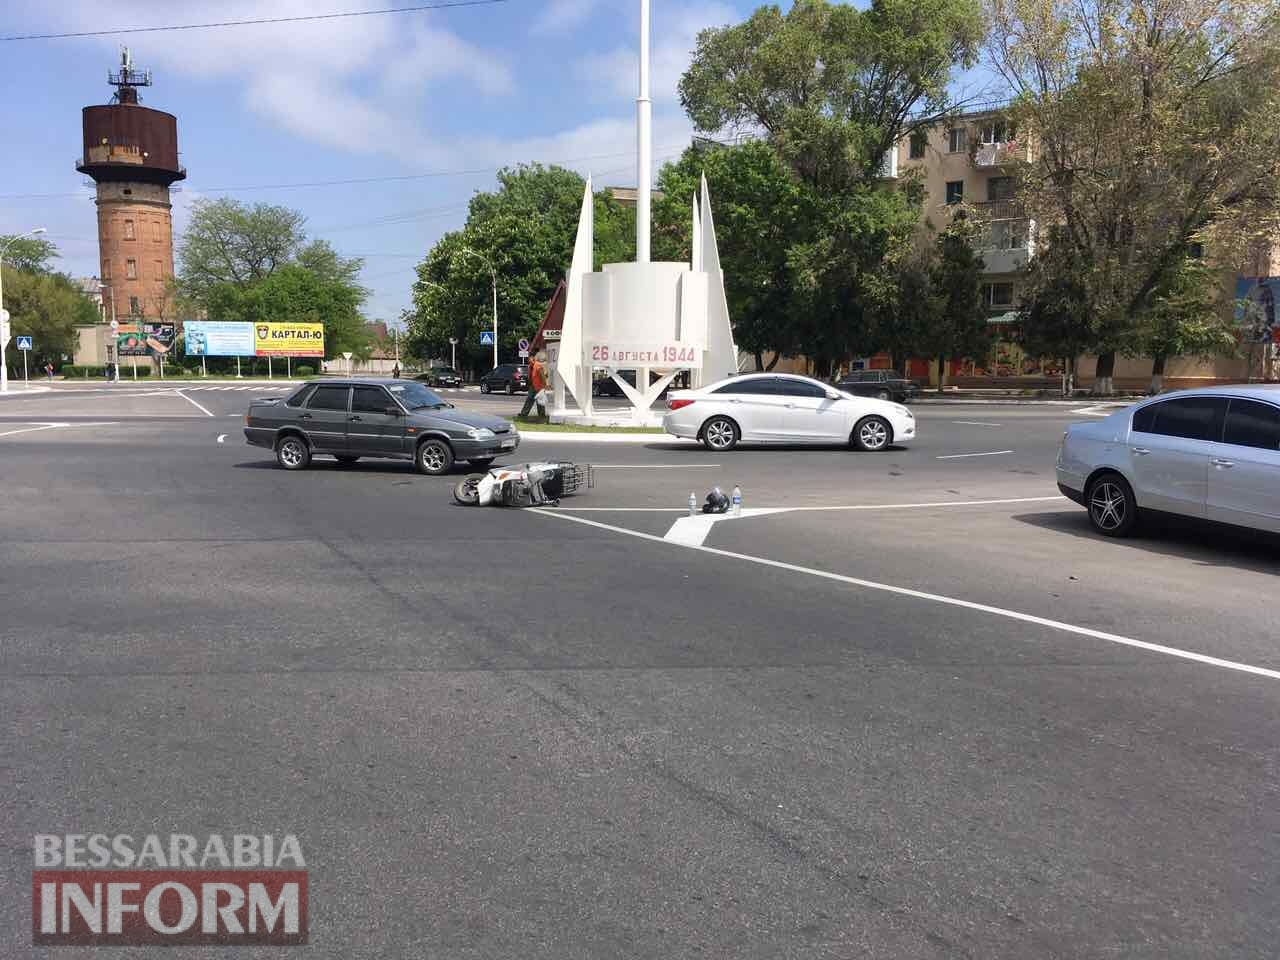 591016a2580c1_346346 В воскресенье на дорогах Измаила пострадали мопедист и велосипедист